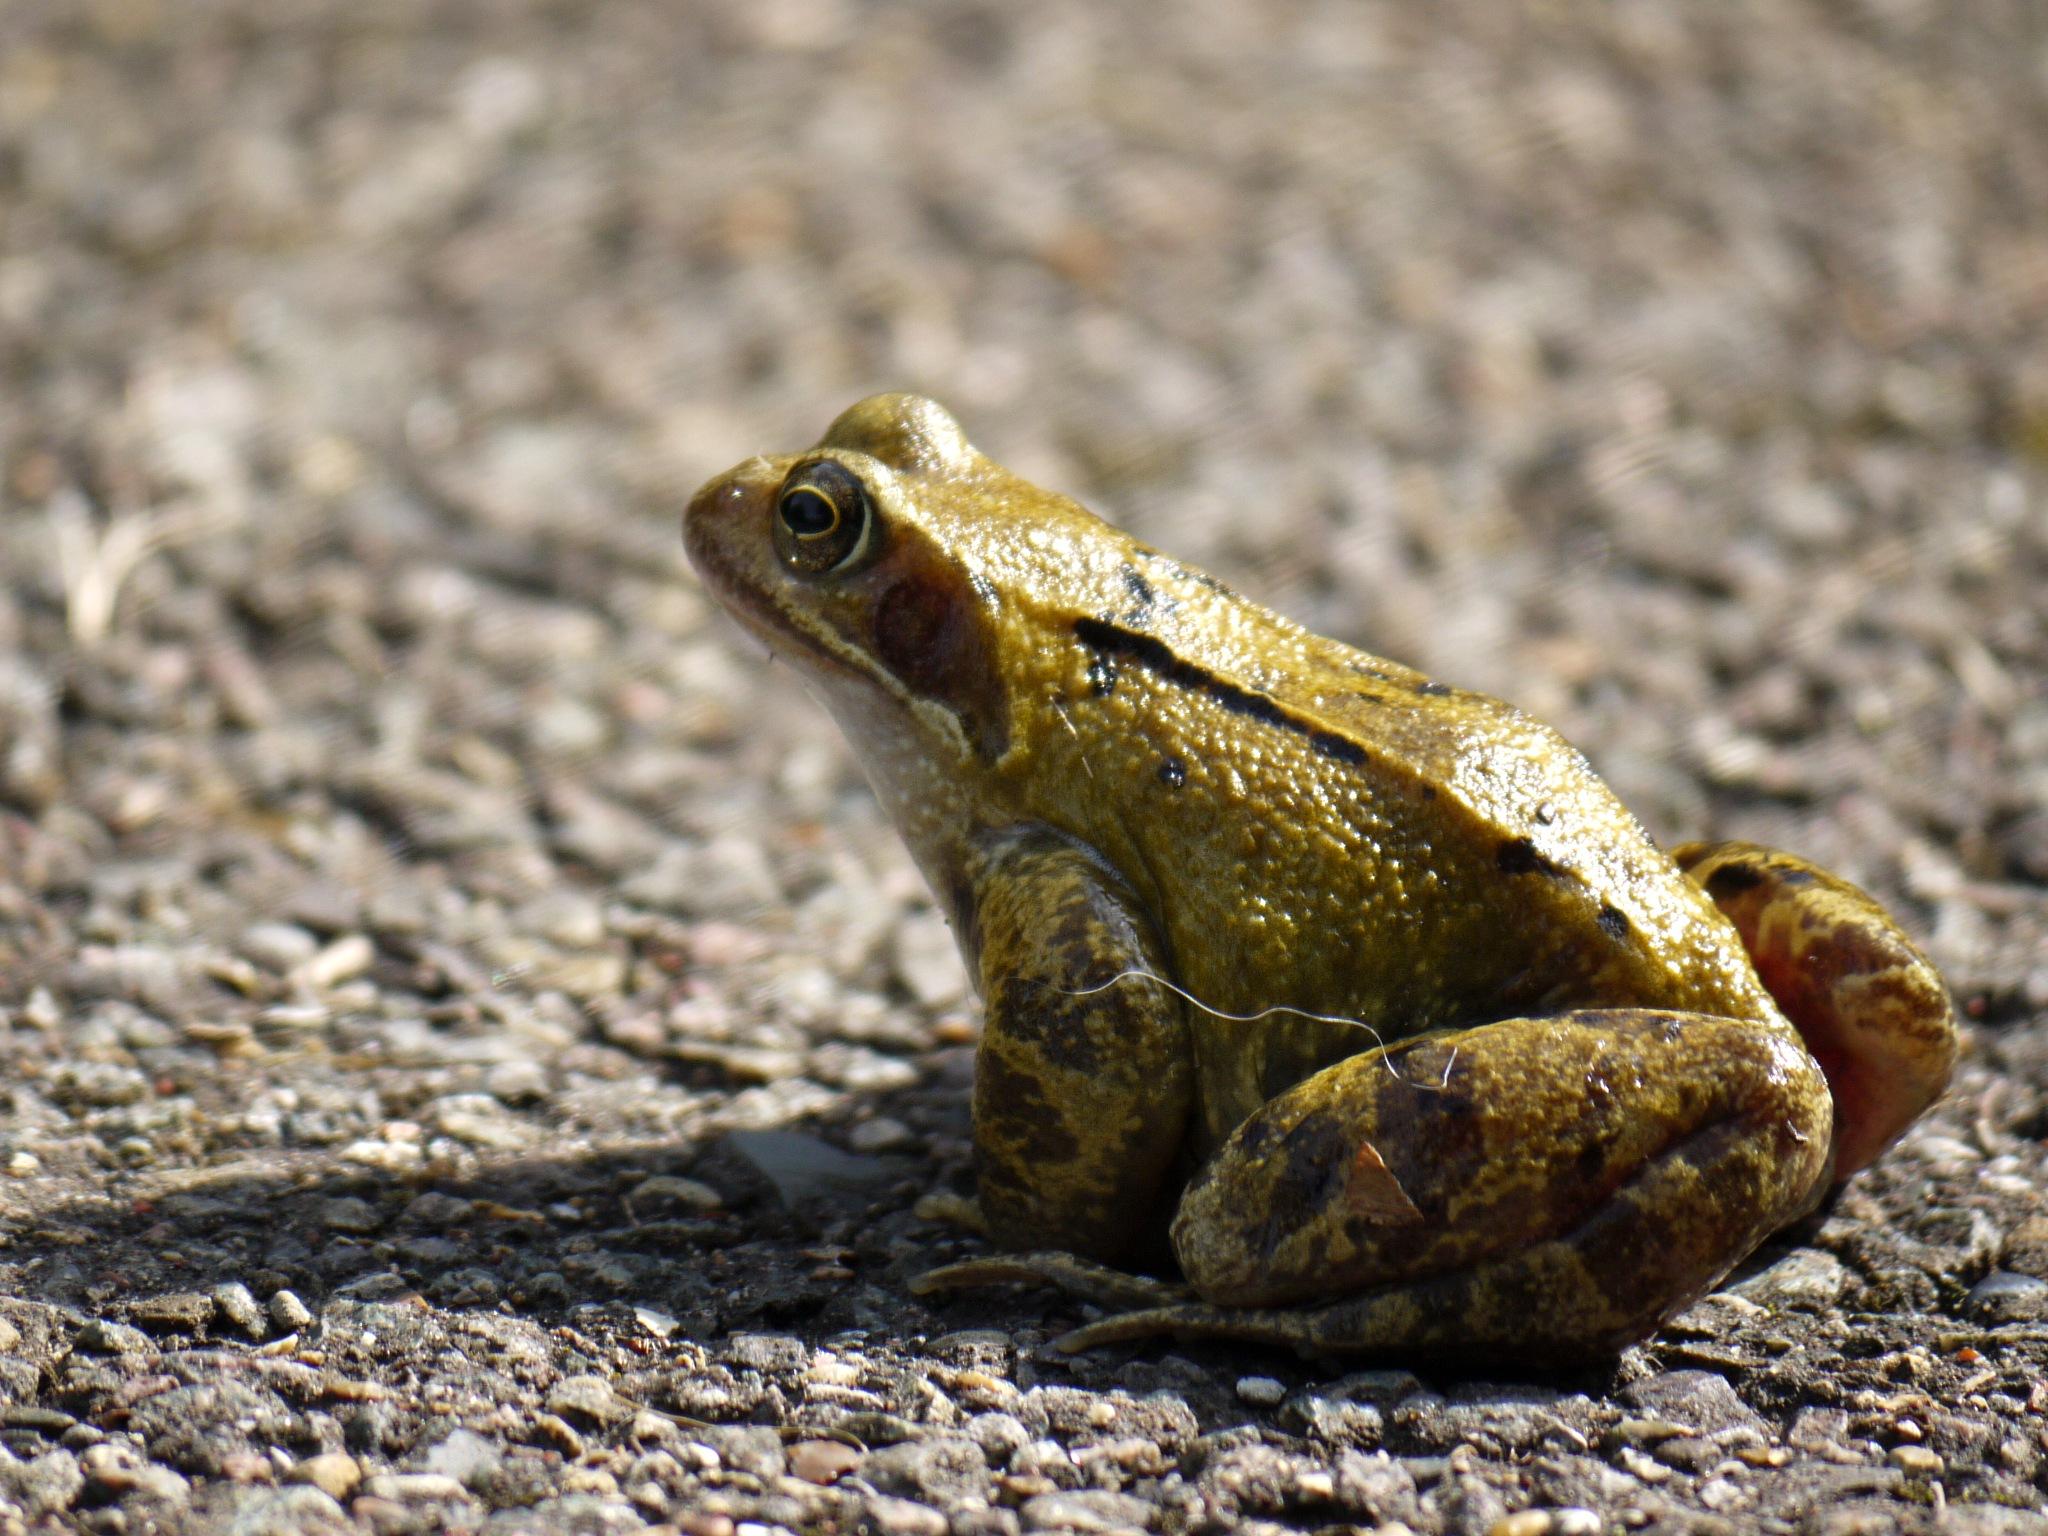 Frog by Derek Hollis